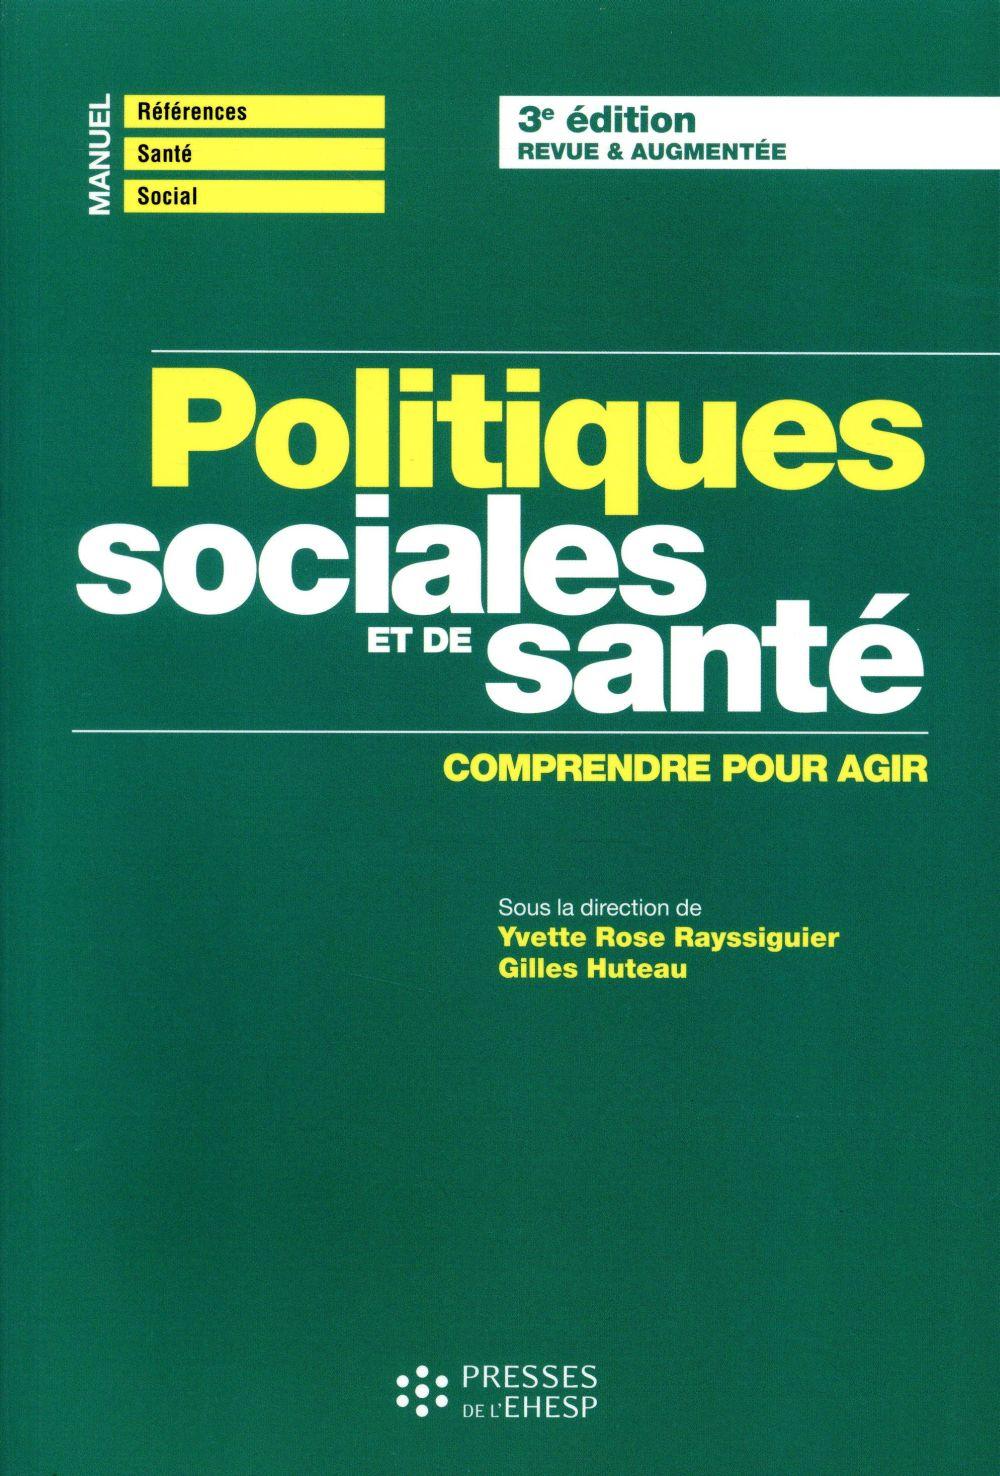 Politiques sociales et de santé ; comprendre et agir (3e édition)